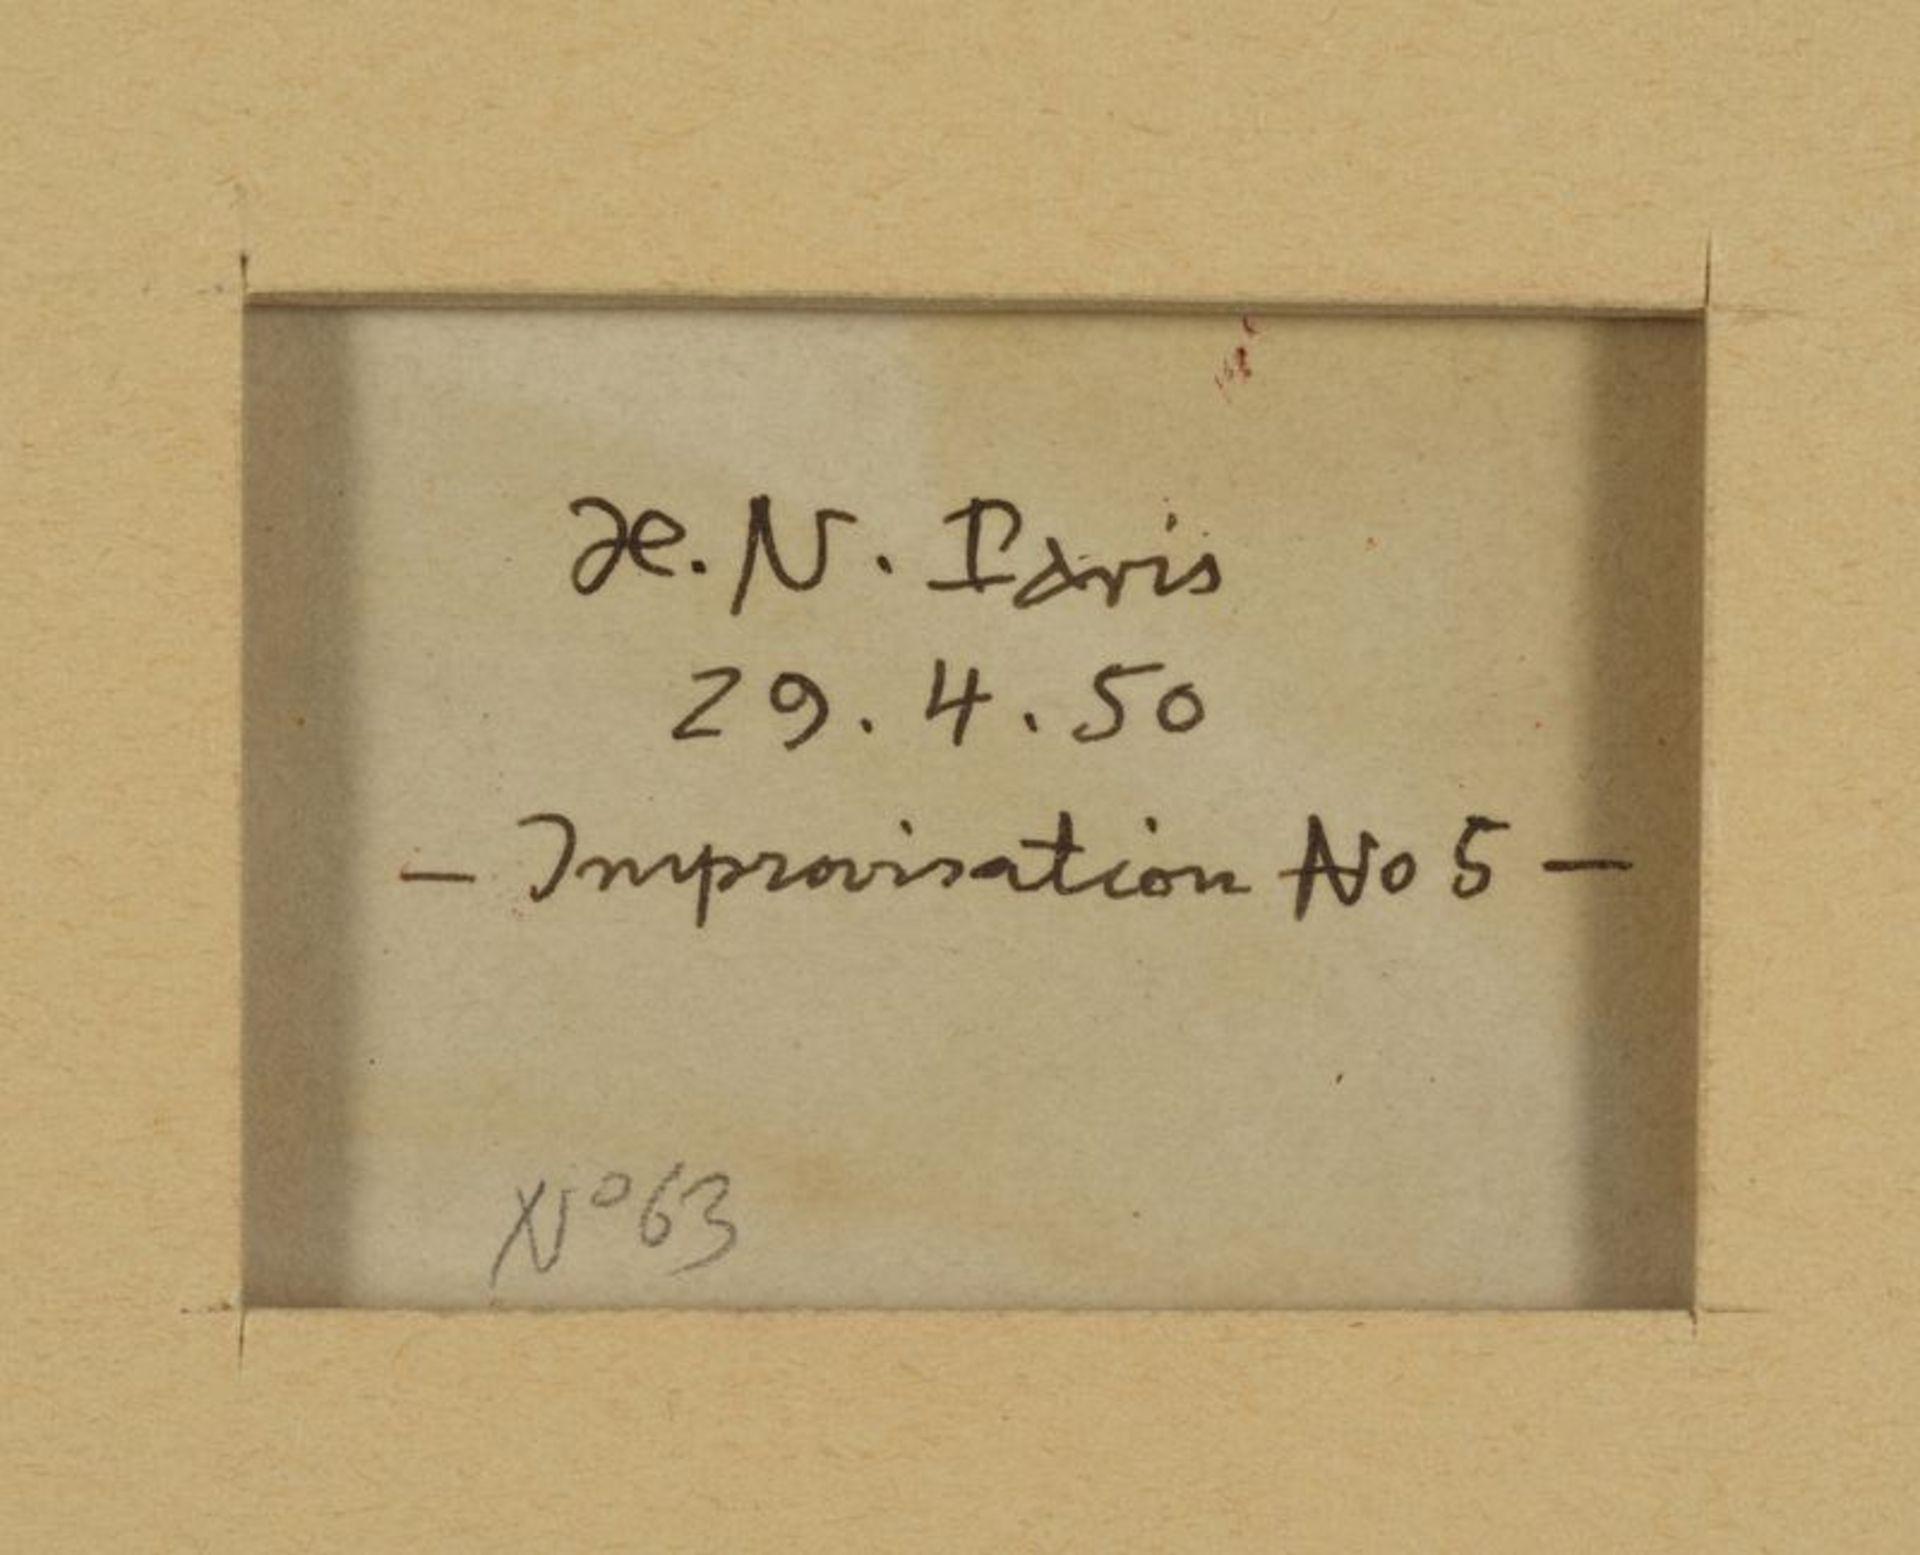 Henri NOUVEAU (1901-1959) - Improvisation, N°5 - Huile sur papier monogrammée, [...] - Bild 2 aus 2